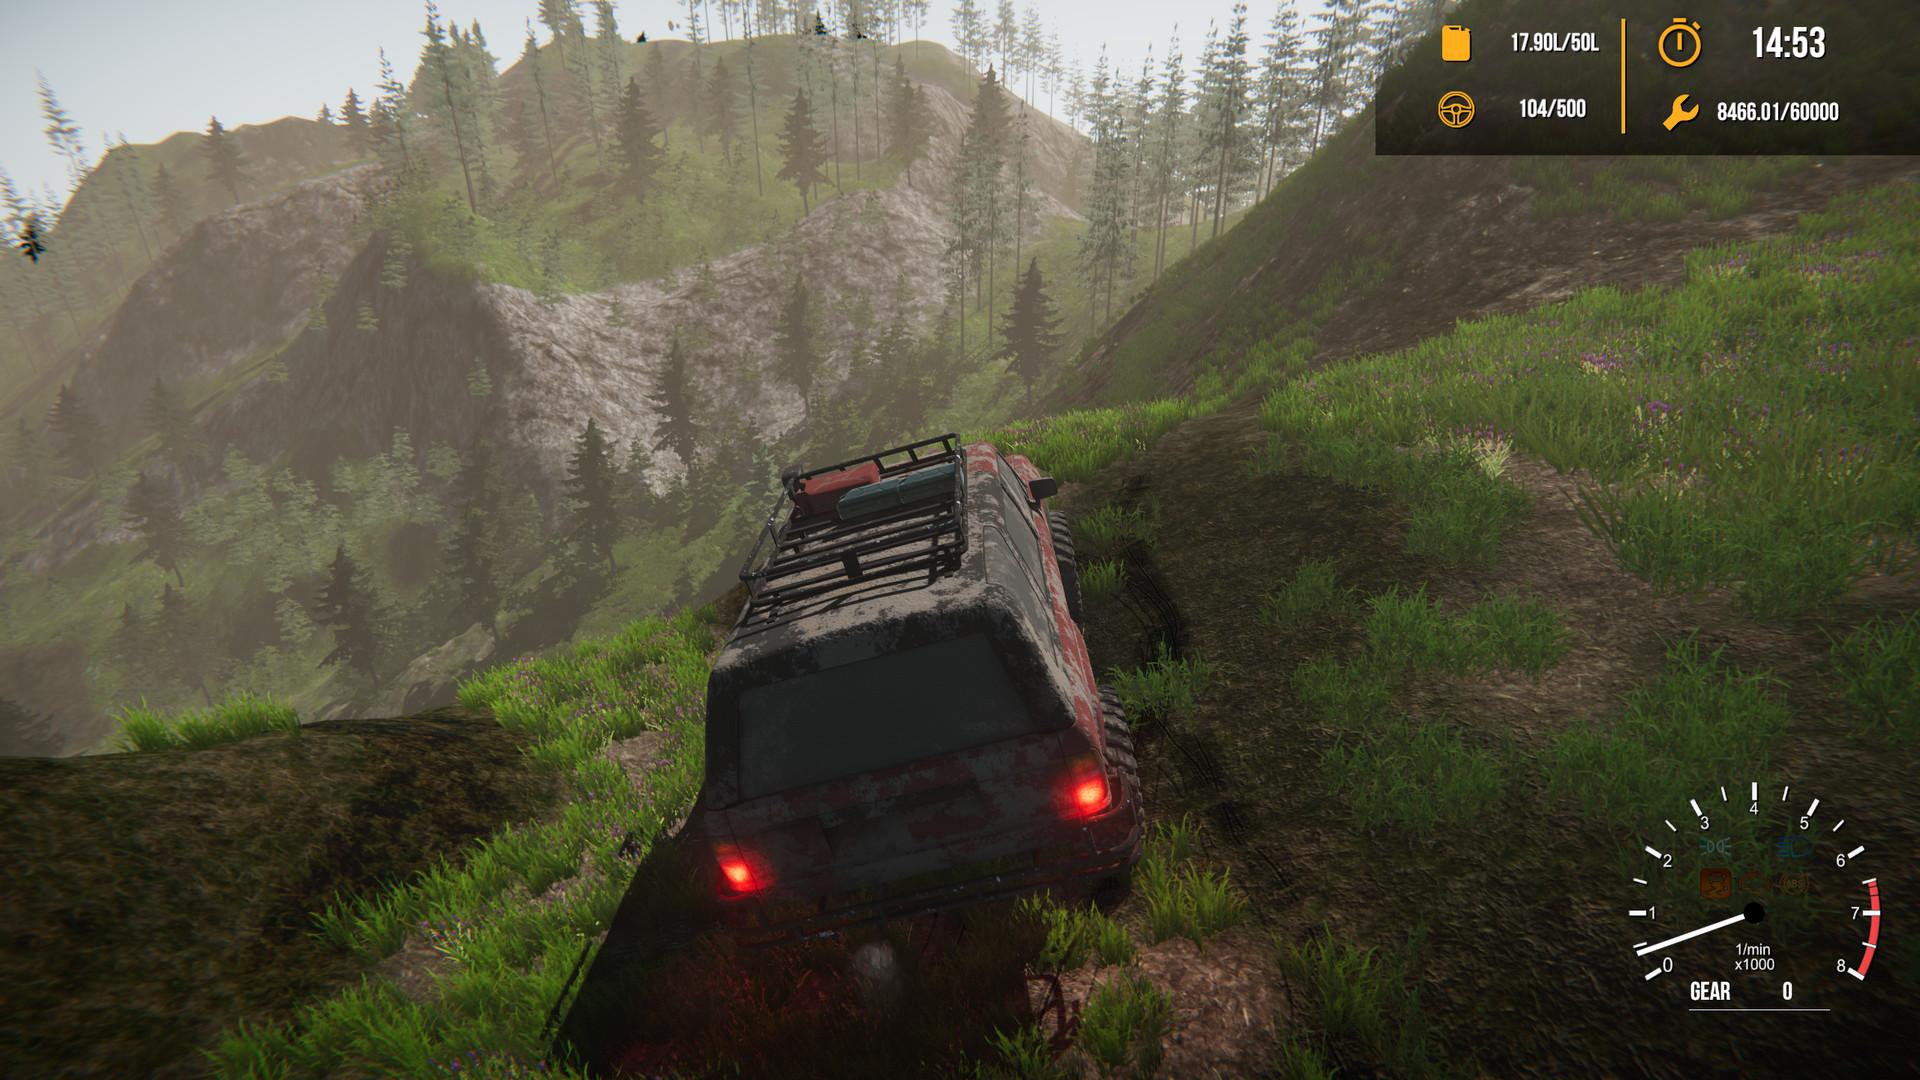 À l'instar de la version PC, Bus Simulator offrira aux joueurs la possibilité de créer leur propre compagnie de bus. De nombreuses missions seront proposées, incluant un cycle jour/nuit, en ...